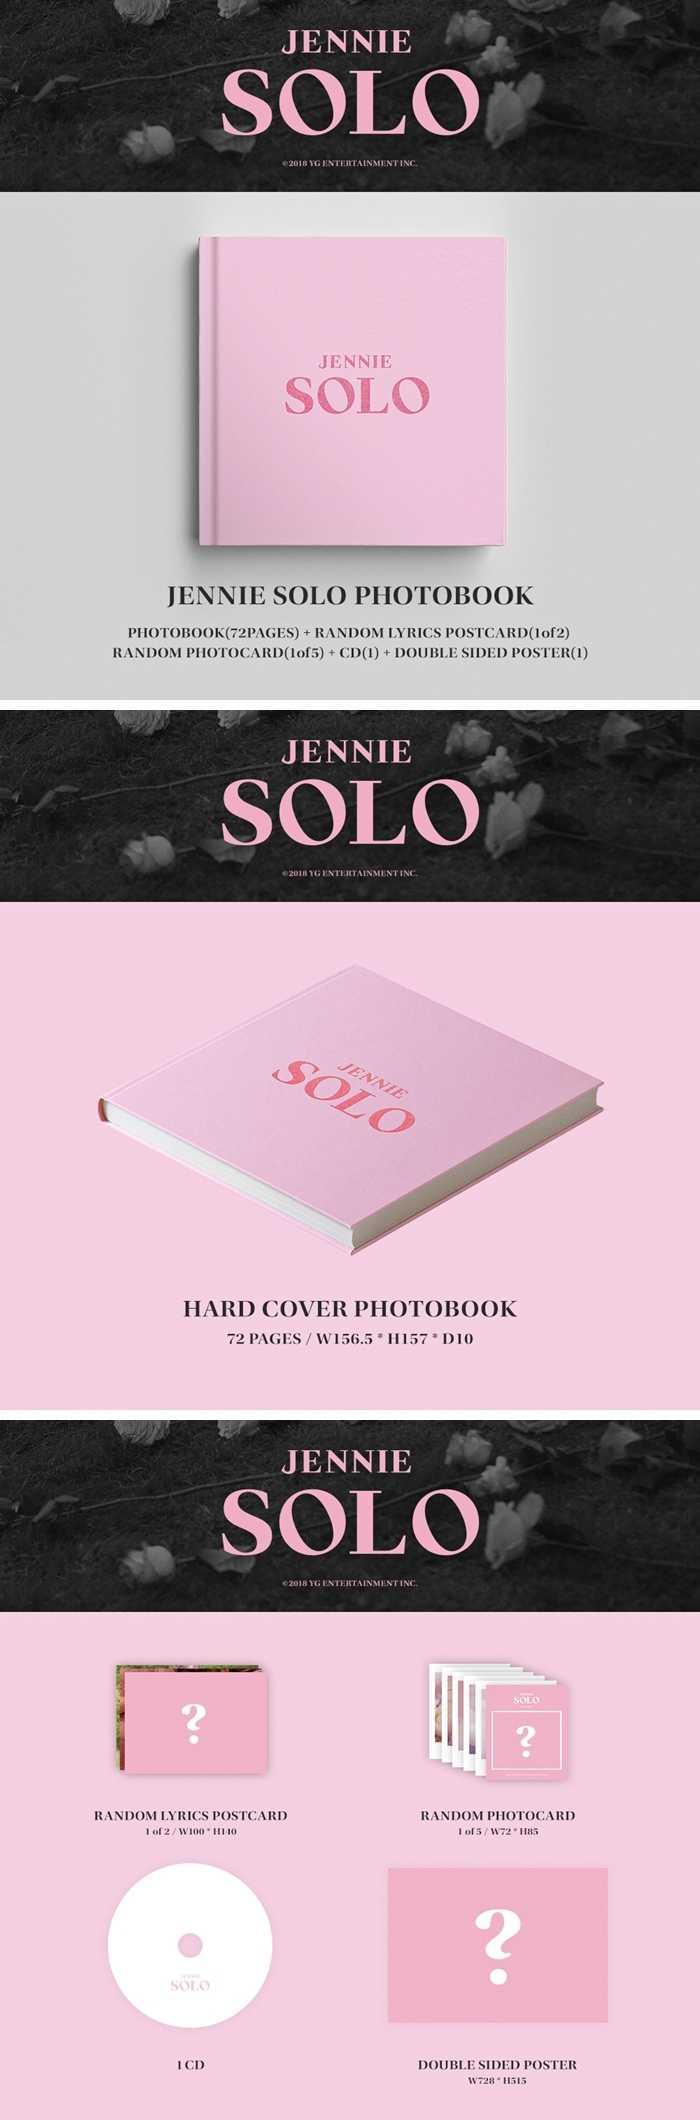 [MYKPOP] ~ 100% OFFICIËLE ORIGINELE ~ BLACKPINK JENNIE SOLO Album Set CD + Foto Boek KPOP Fans Collection SA19081701